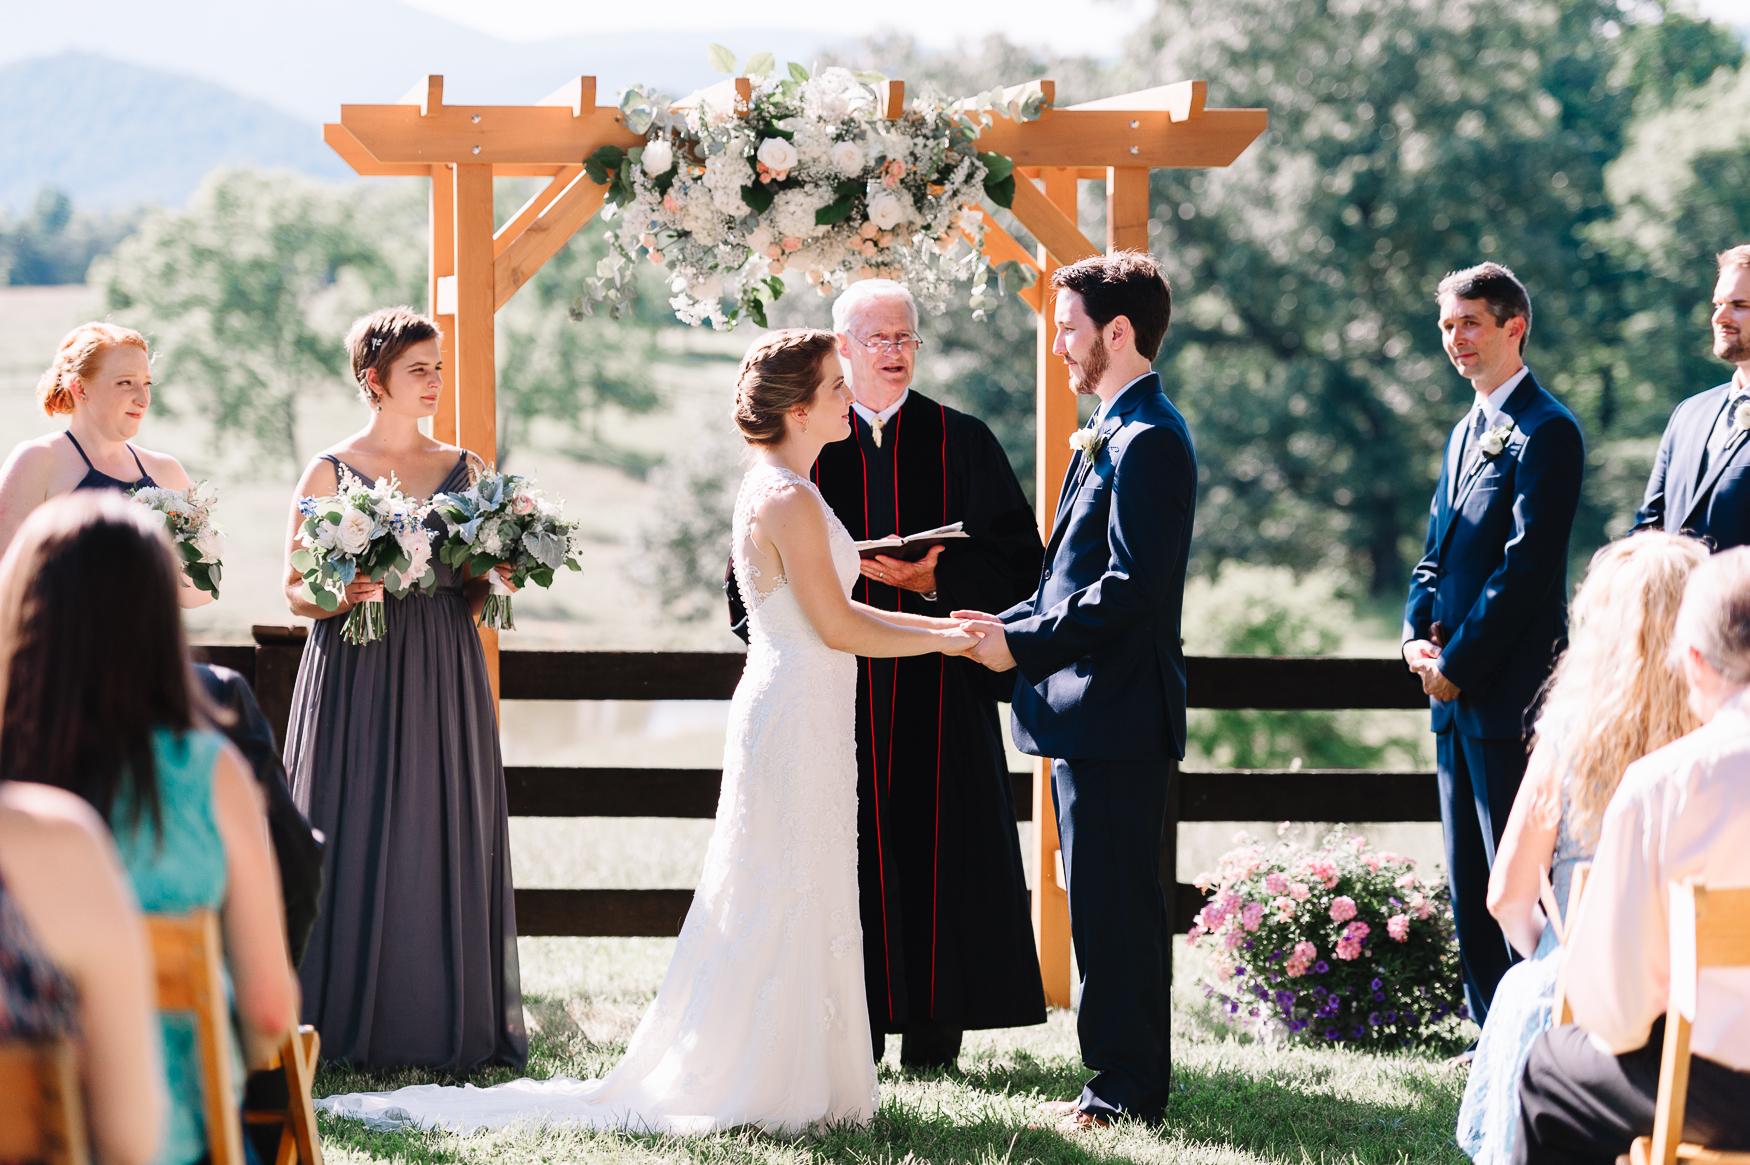 charlottesvillewedding_backyardwedding_virginia_youseephotography_CaitlinDerek (50).jpg